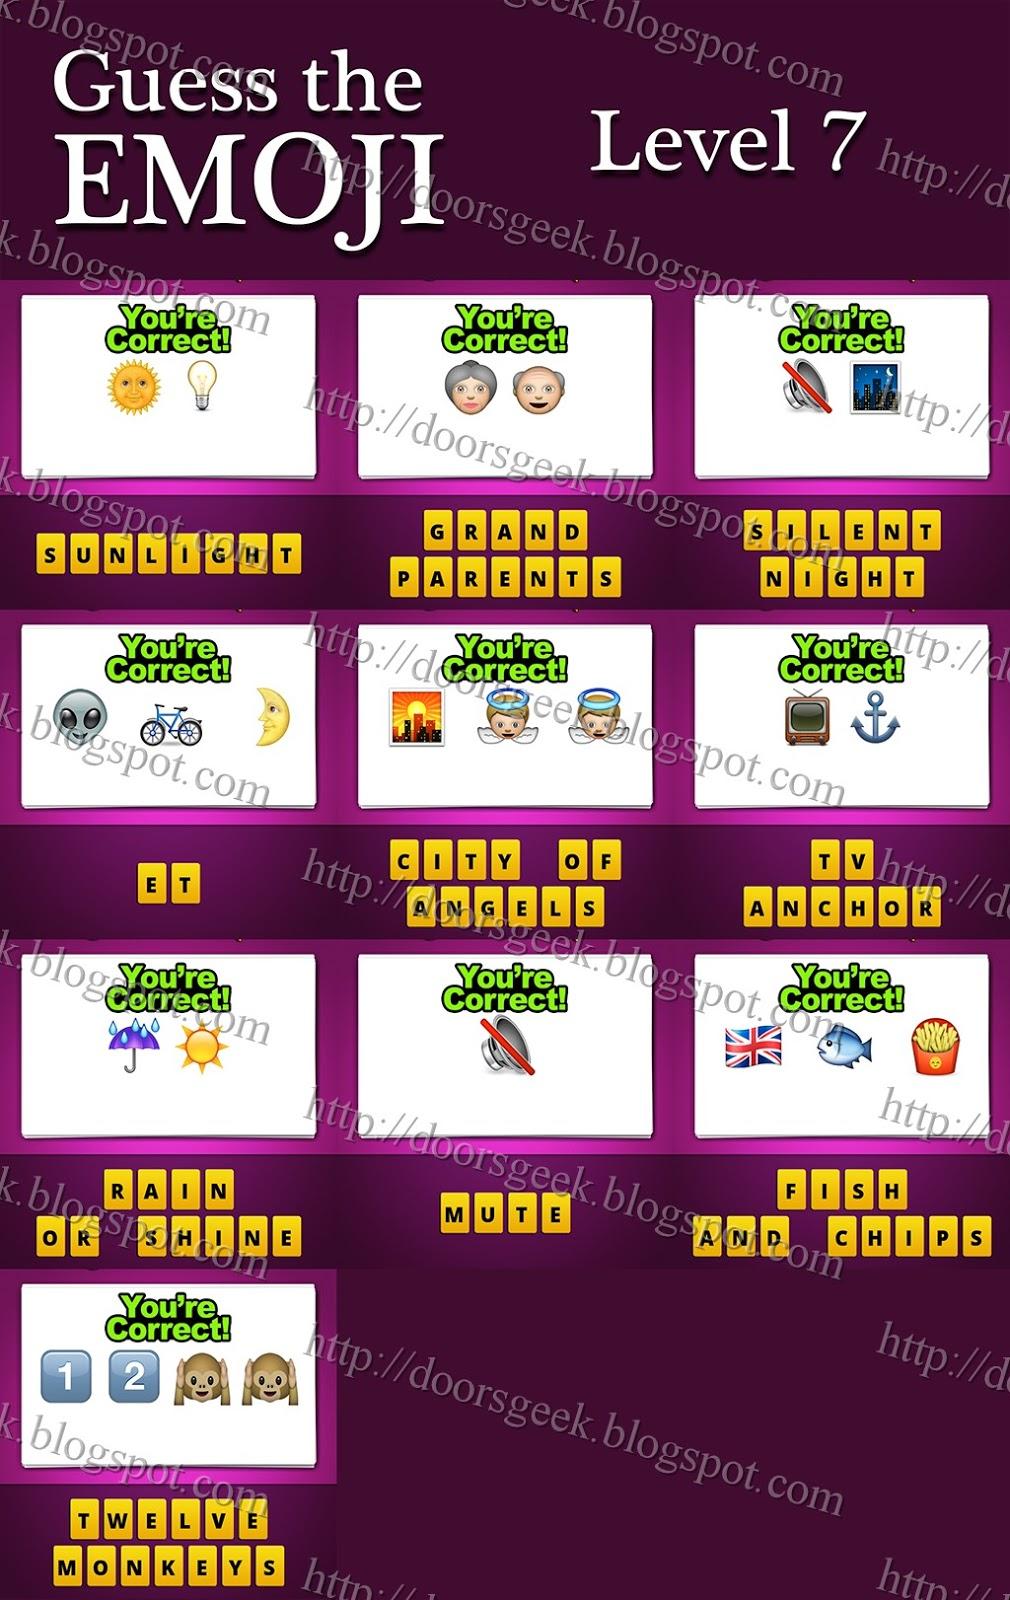 Guess The Emoji Numbers And Monkeys 07/05/14 ~ Doors Geek